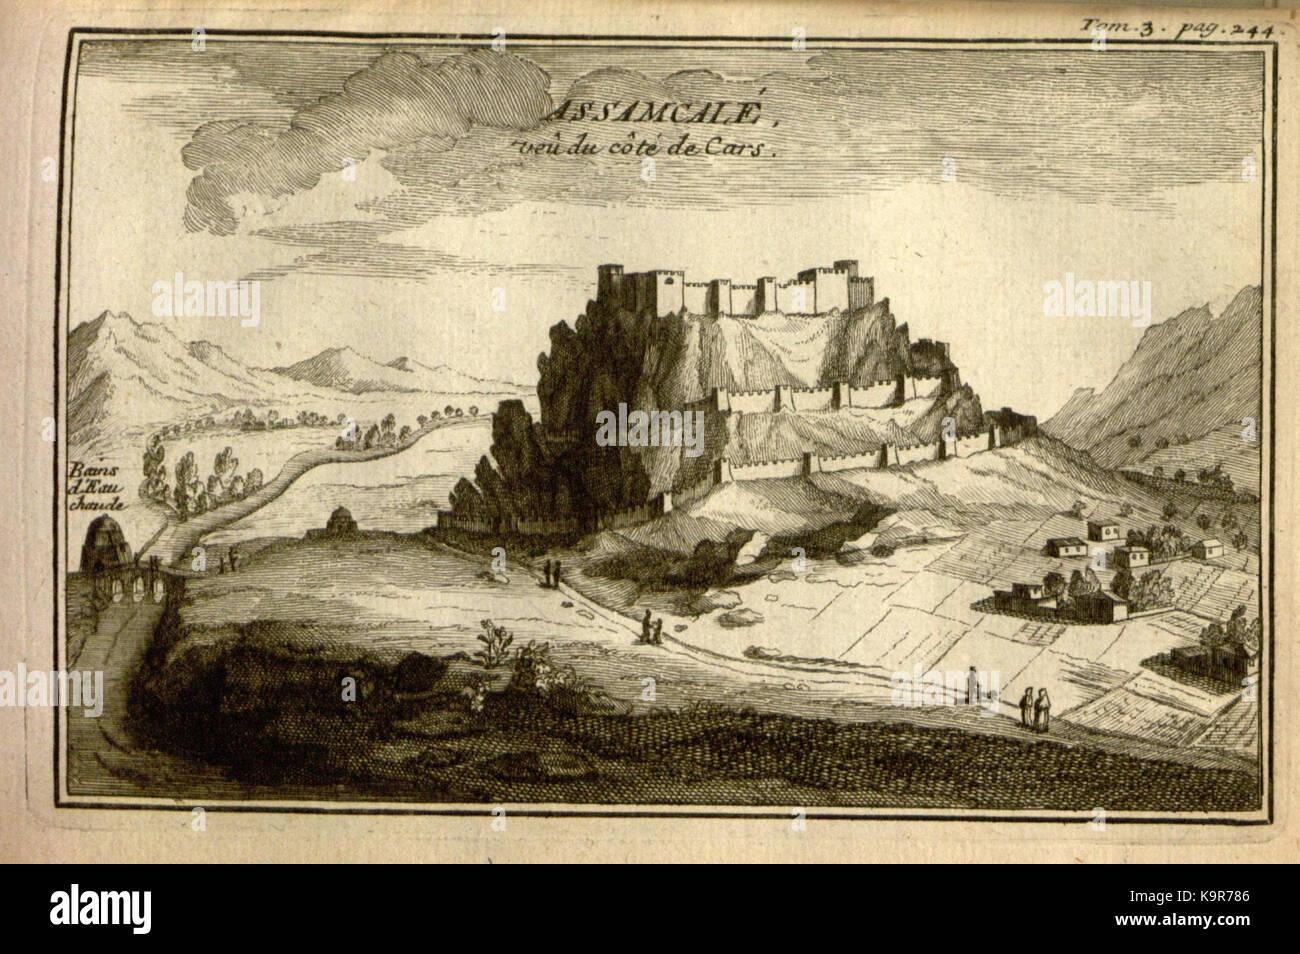 Relation d'un voyage du Levant (Plate 38) (7893916130) - Stock Image